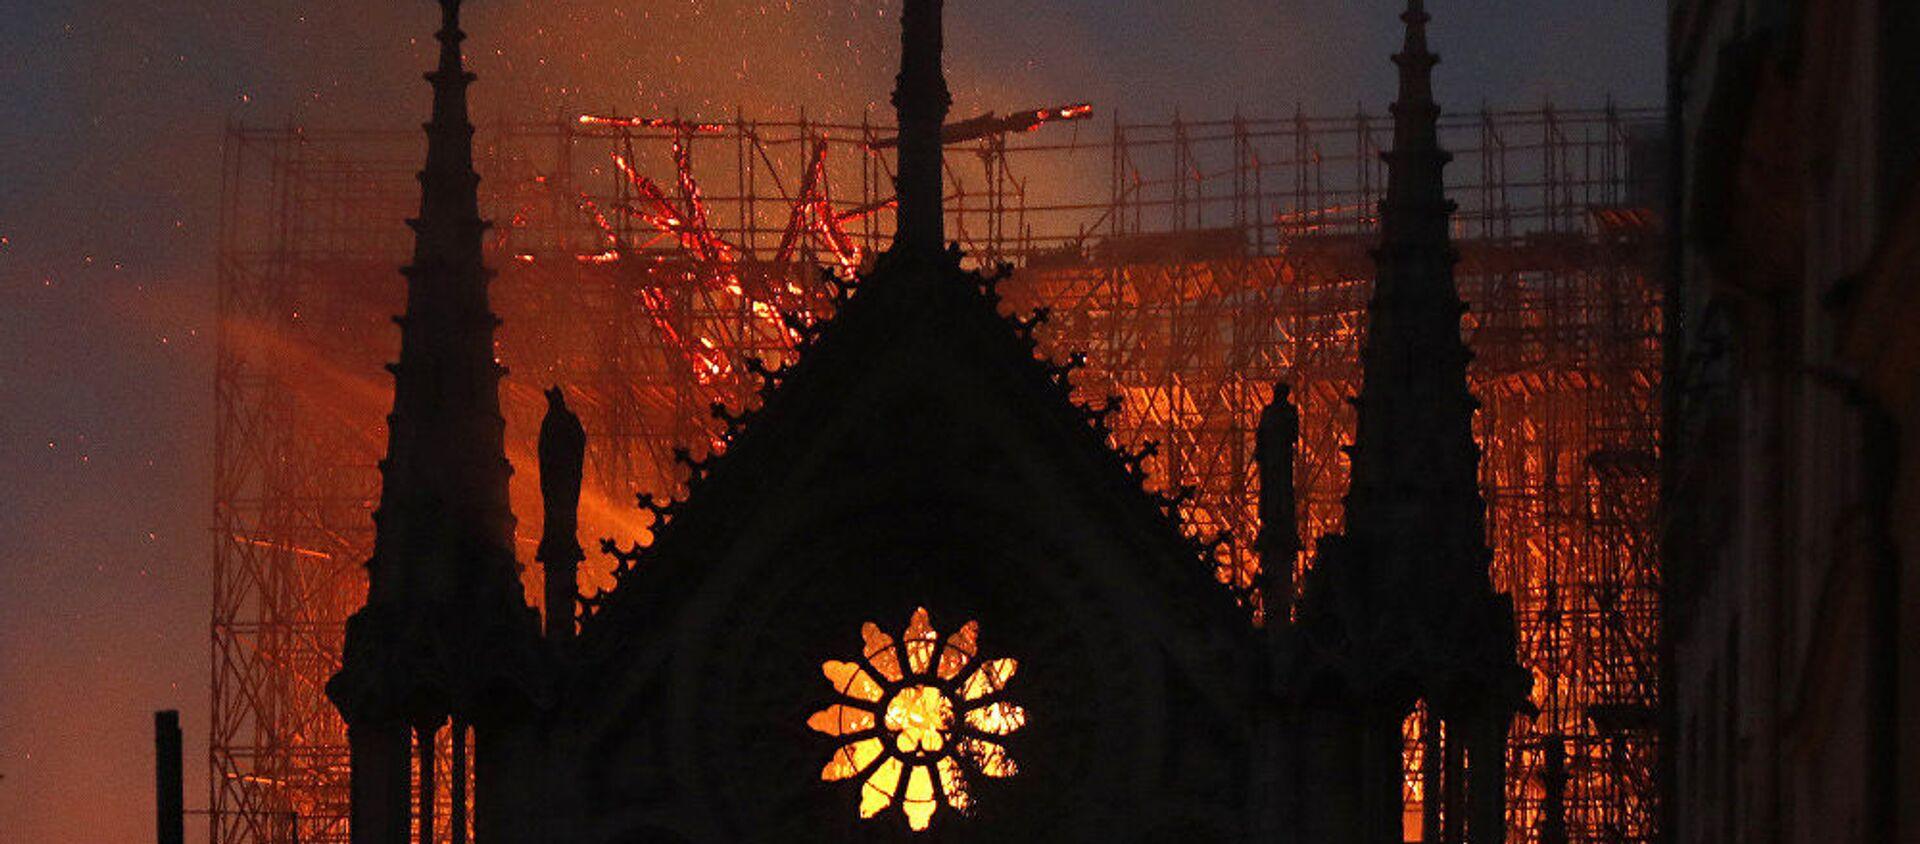 L'incendio alla Cattedrale di Notre-Dame di Parigi - Sputnik Italia, 1920, 31.05.2020